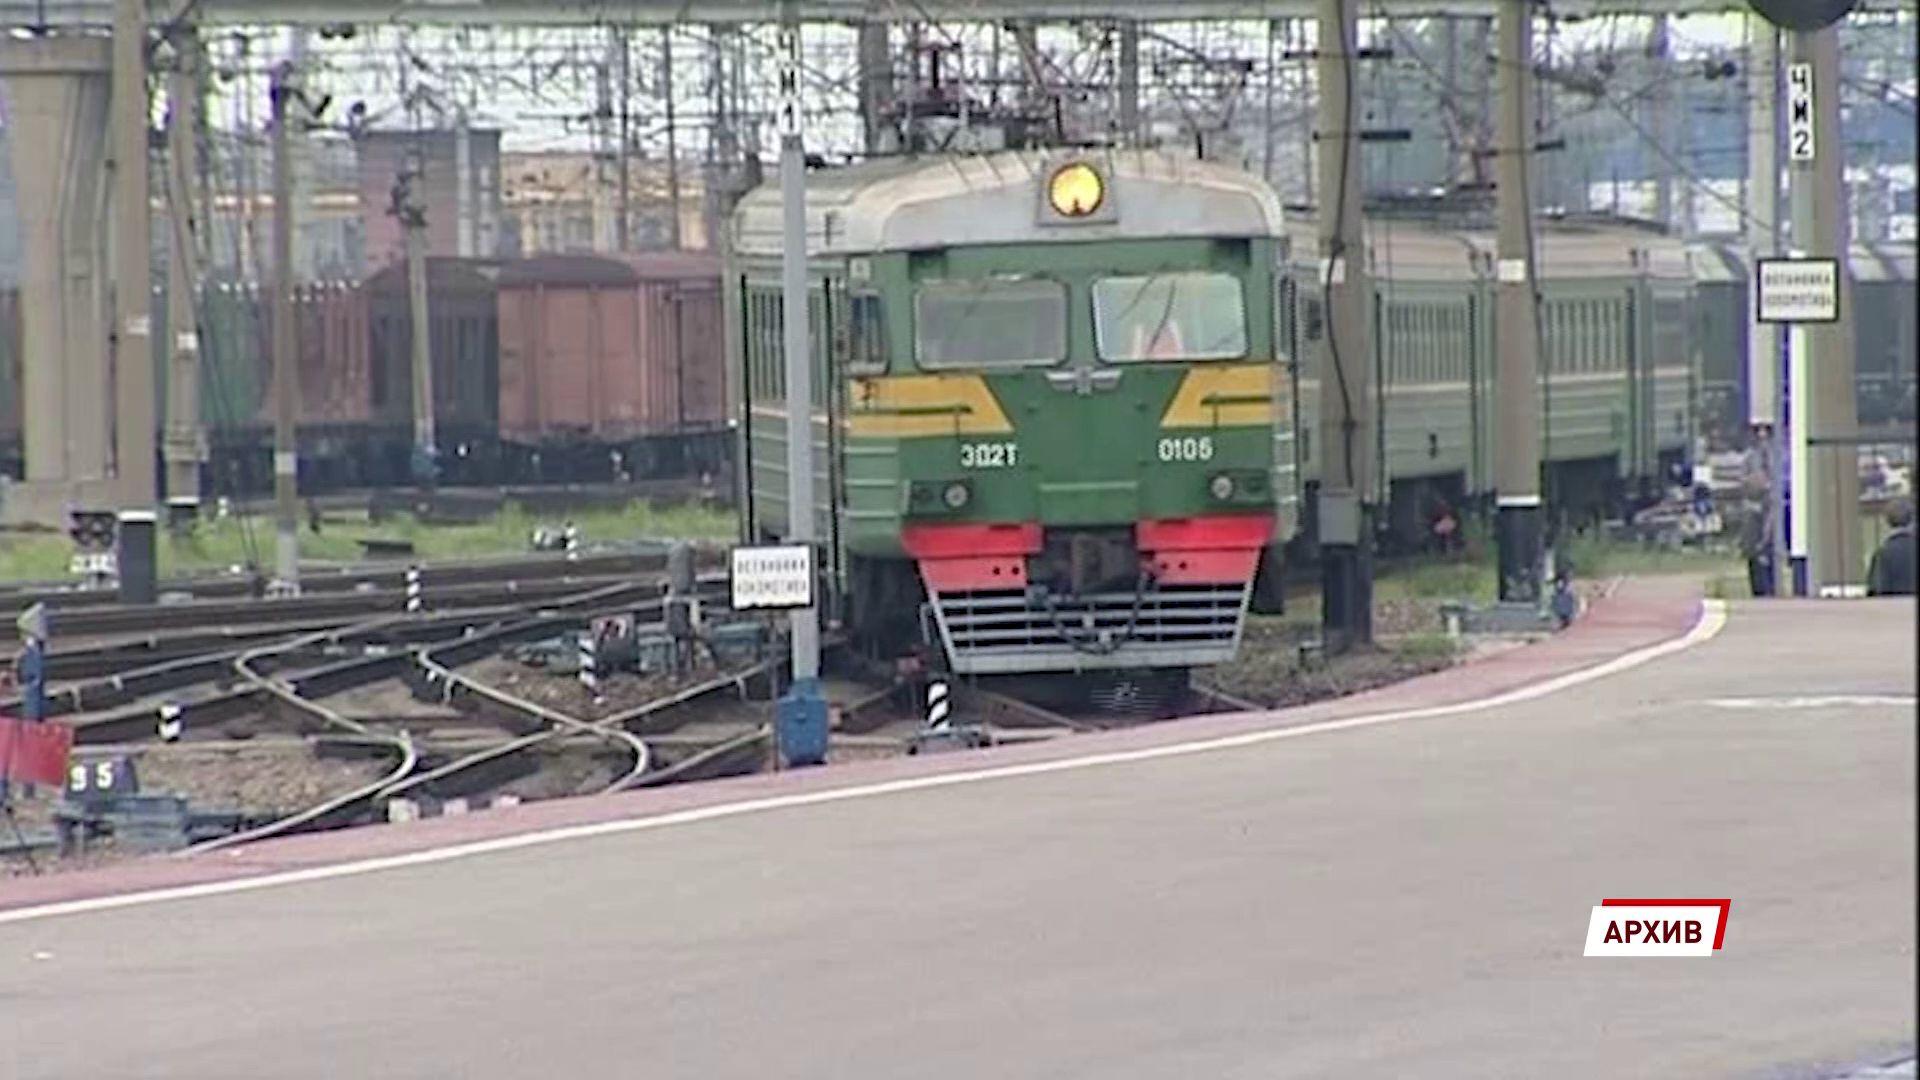 Ивановский пригородный поезд больше не будет ходить до Ярославля